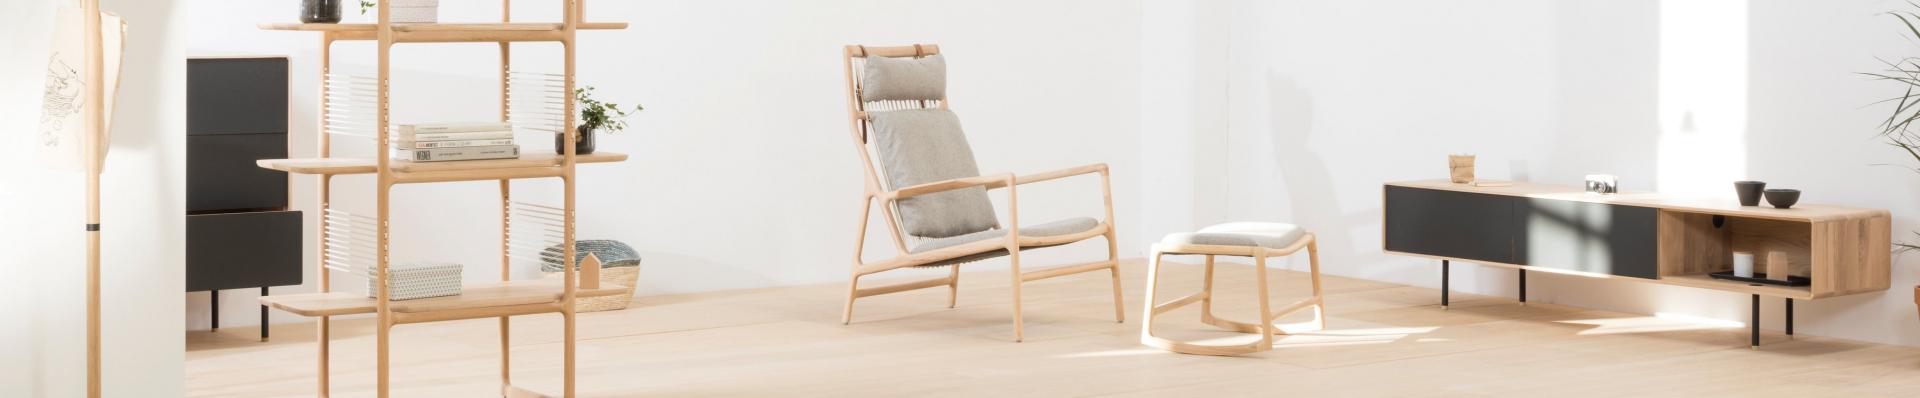 Gazzda stoelen